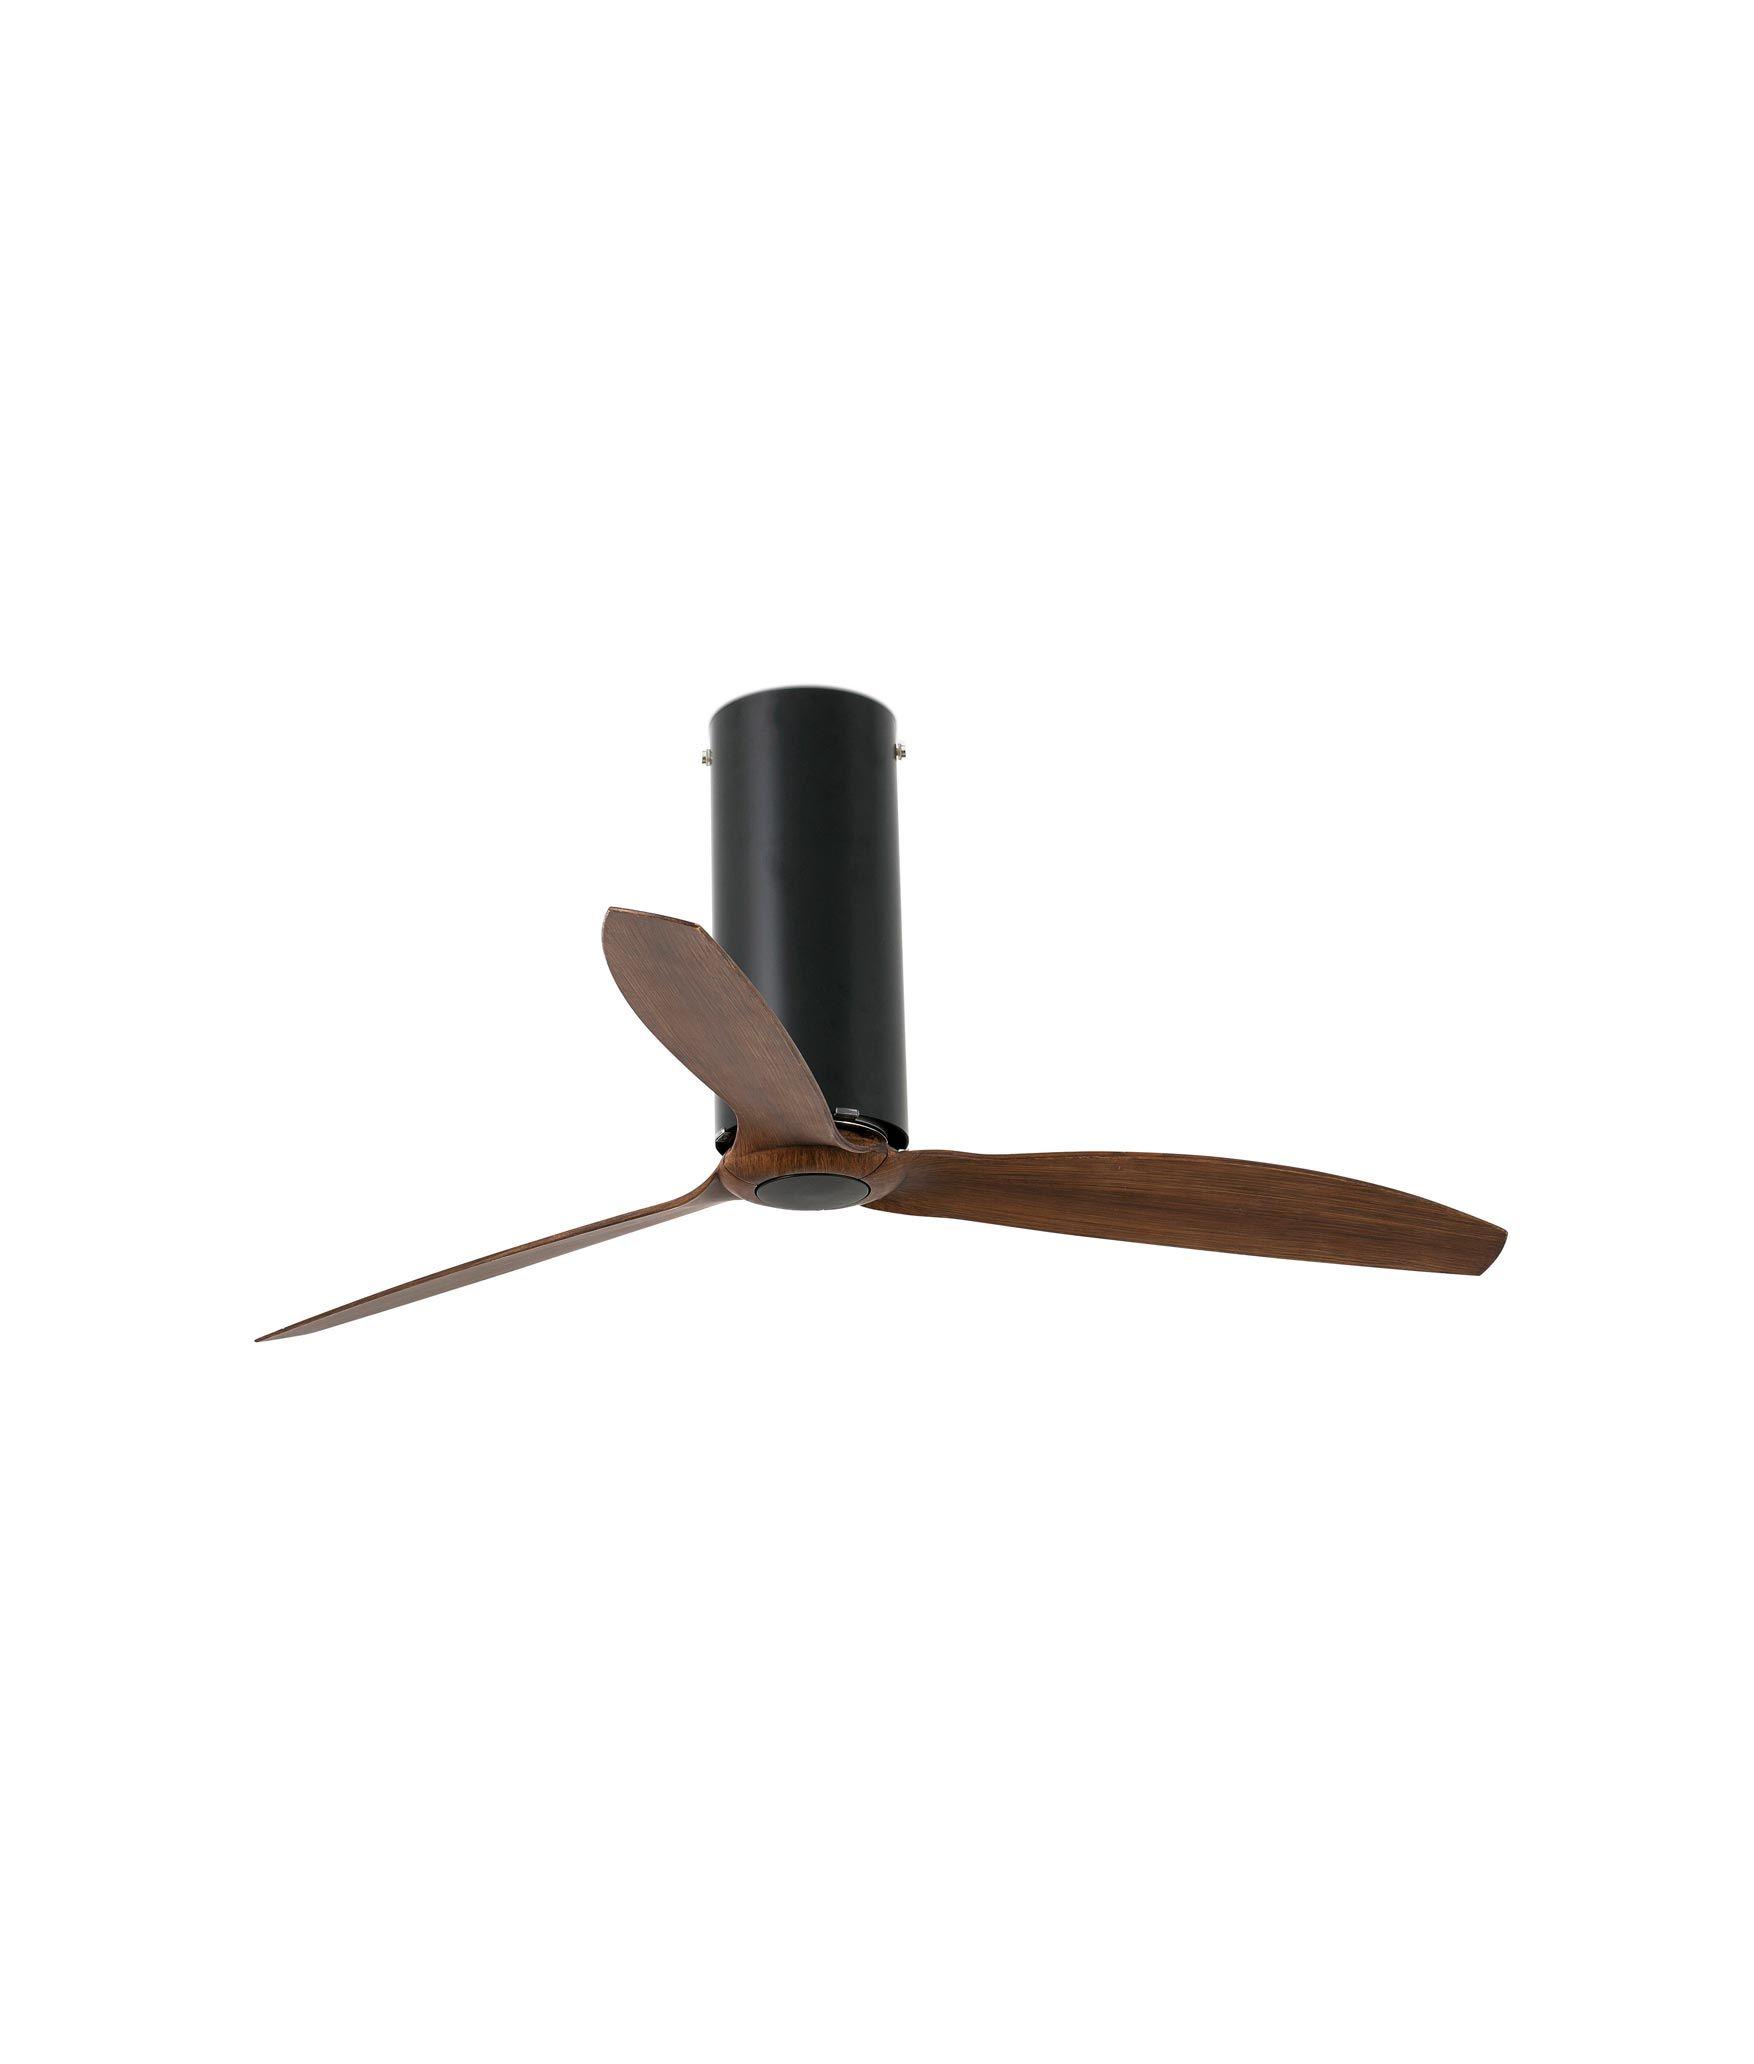 Ventilador de techo negro TUBE FAN